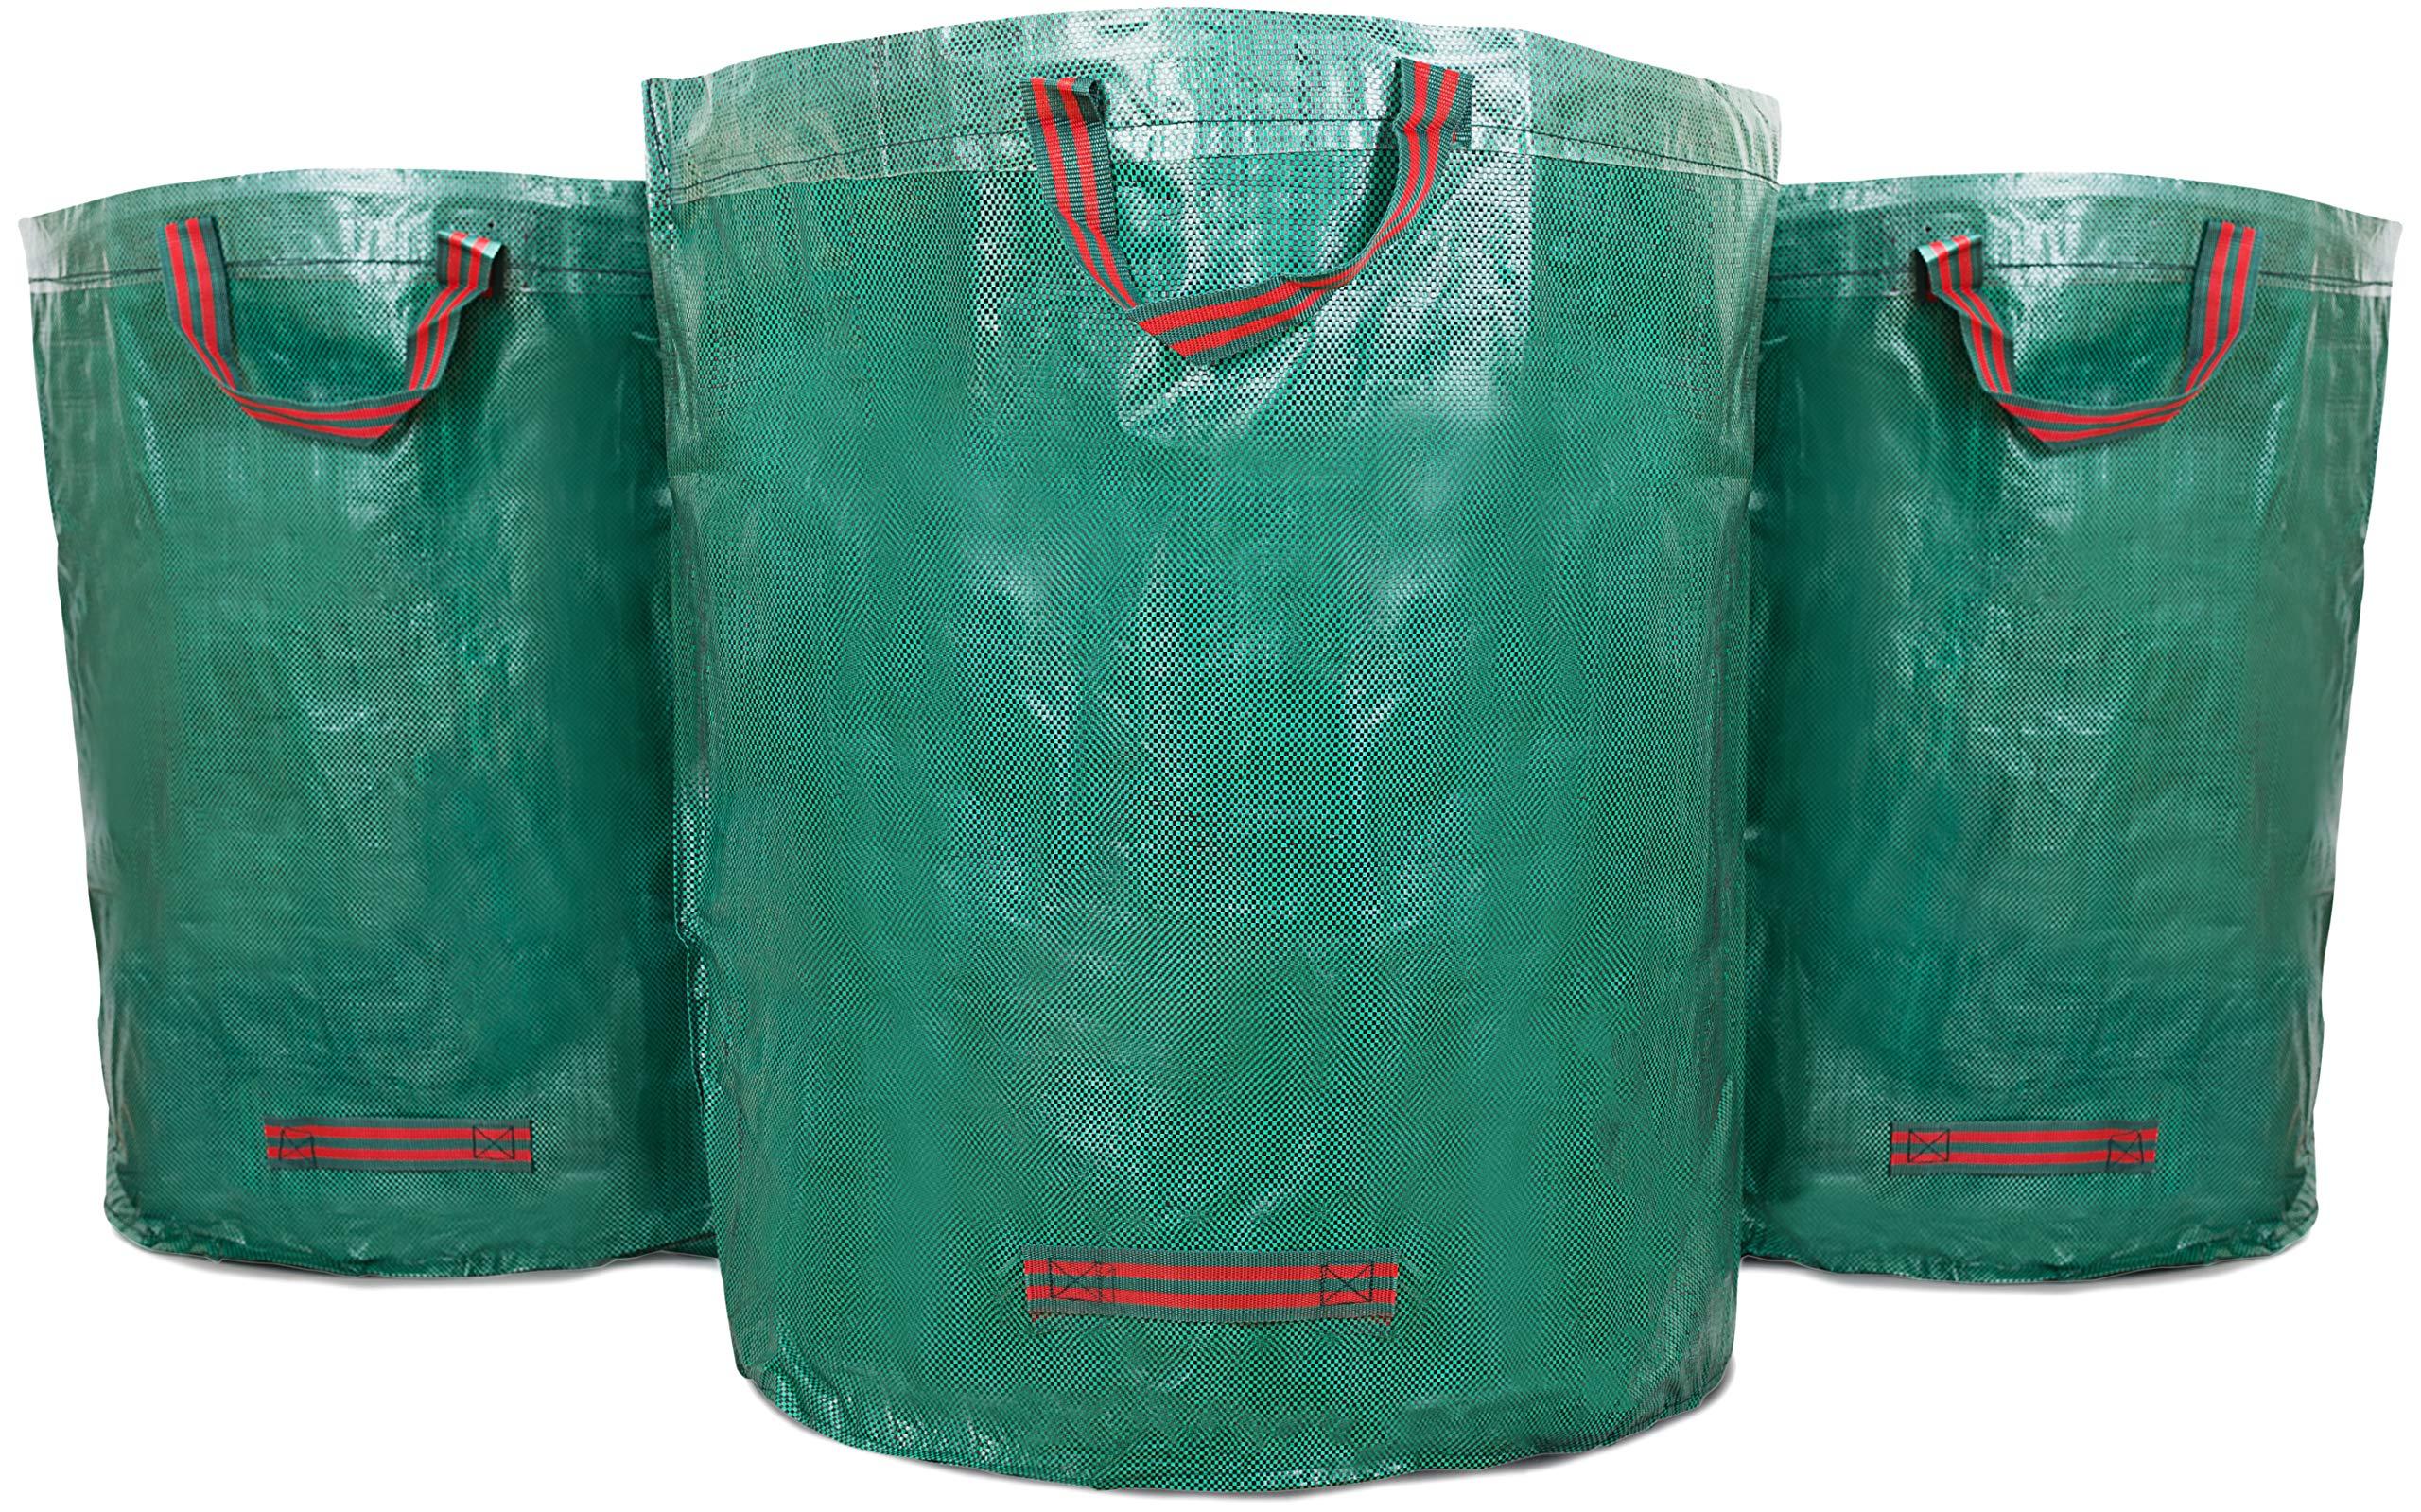 WUNDERGARDEN Set de 3 Bolsas de Basura de jardín de 272 L | para residuos de jardín, Hojas secas, restos de poda, residuos de Plantas, Compost | Redondas, estables y Plegables: Amazon.es: Jardín